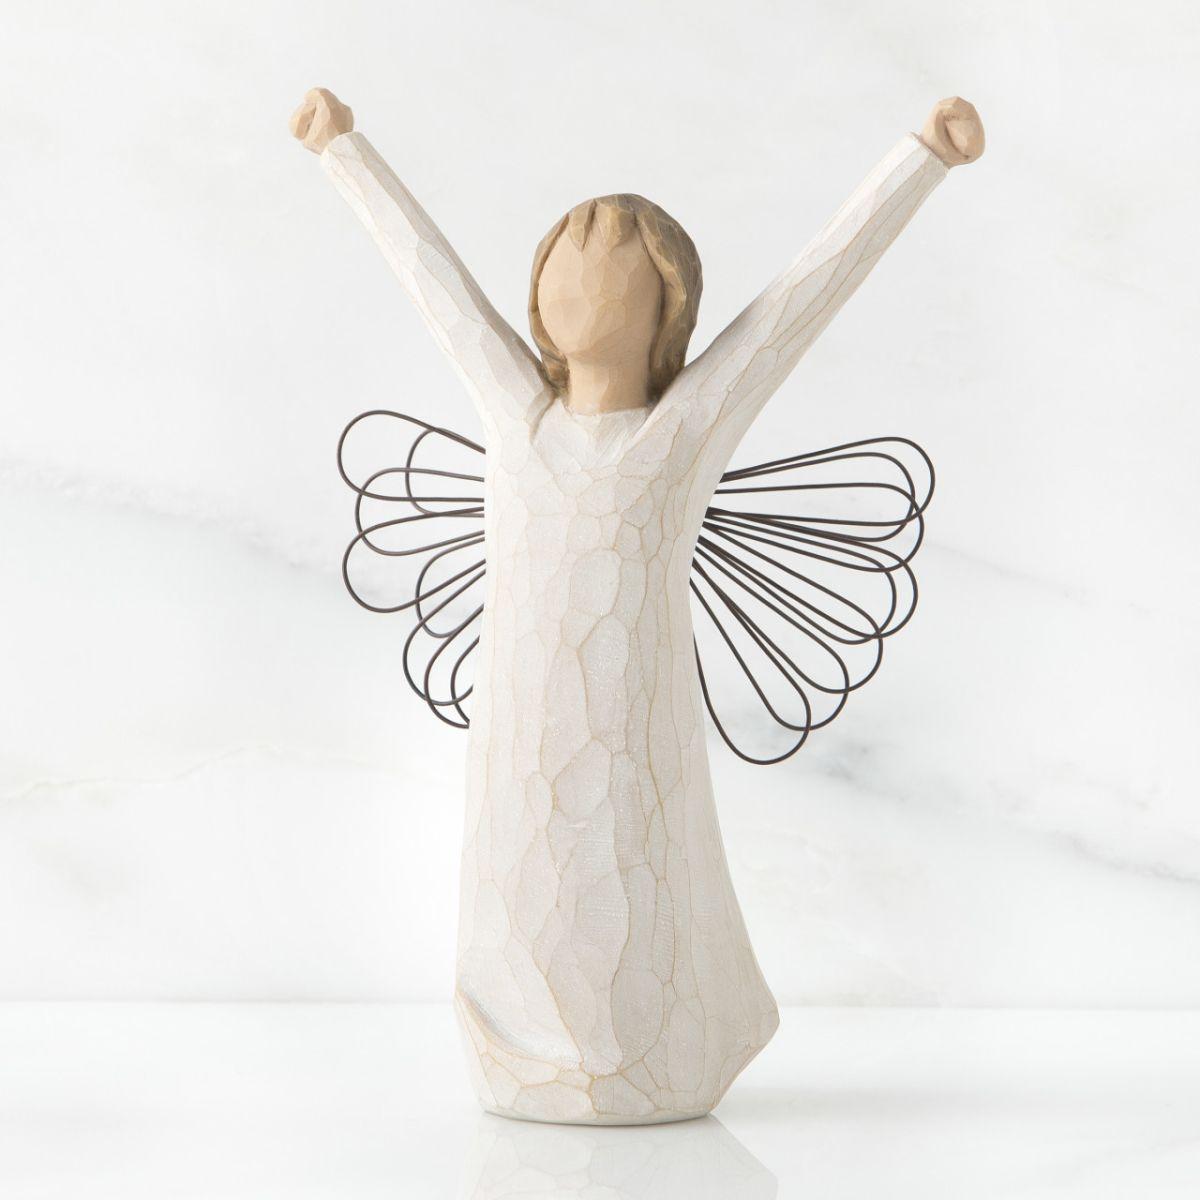 ウィローツリー天使像 【Courage】 - 勇気